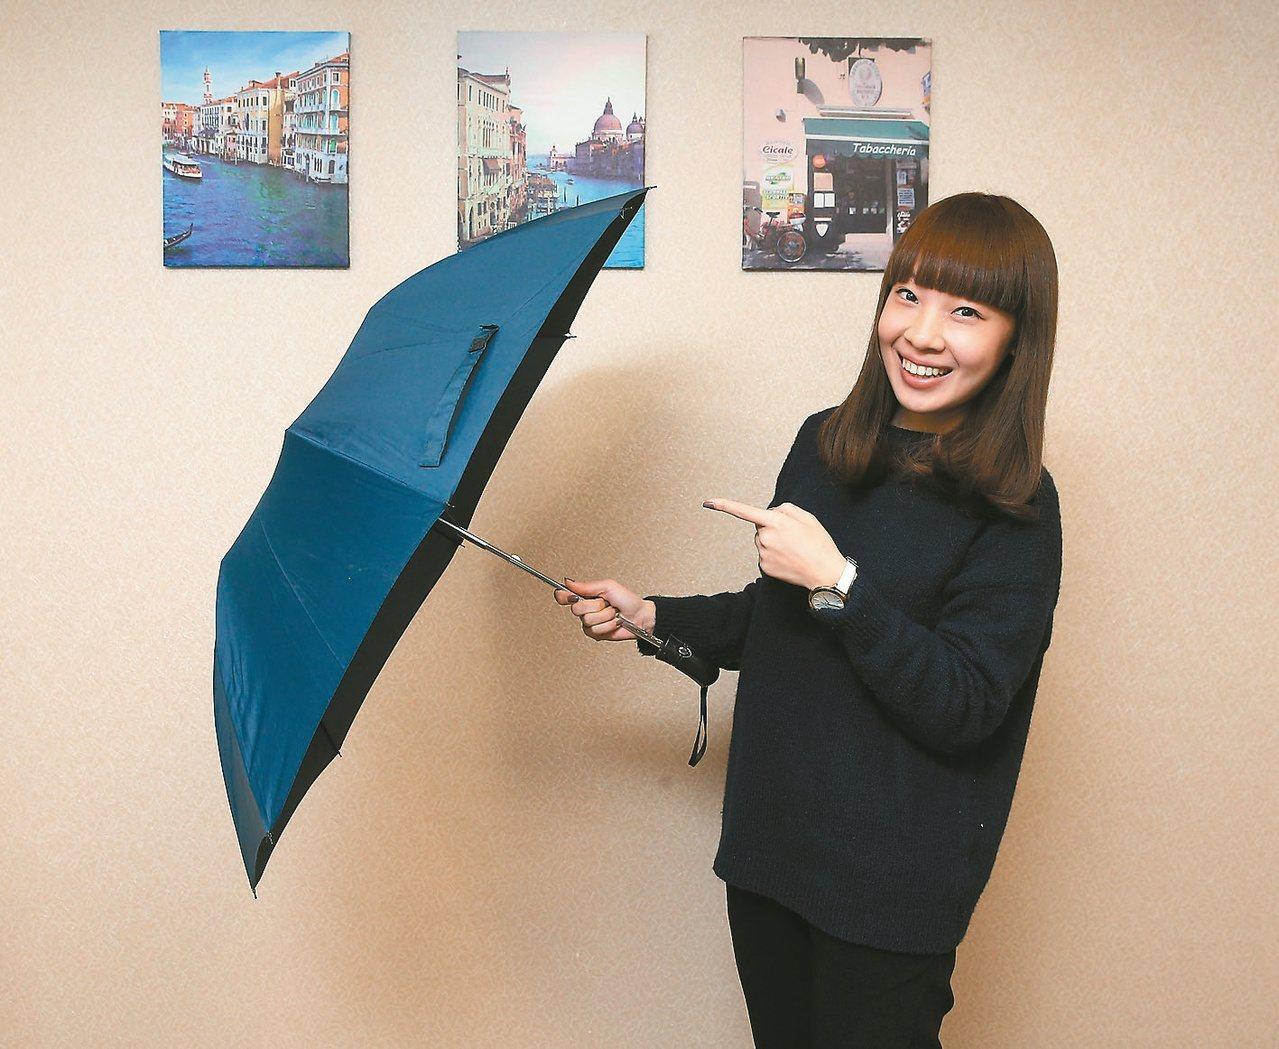 中鋼今年將送鋼骨雨傘。 報系資料照